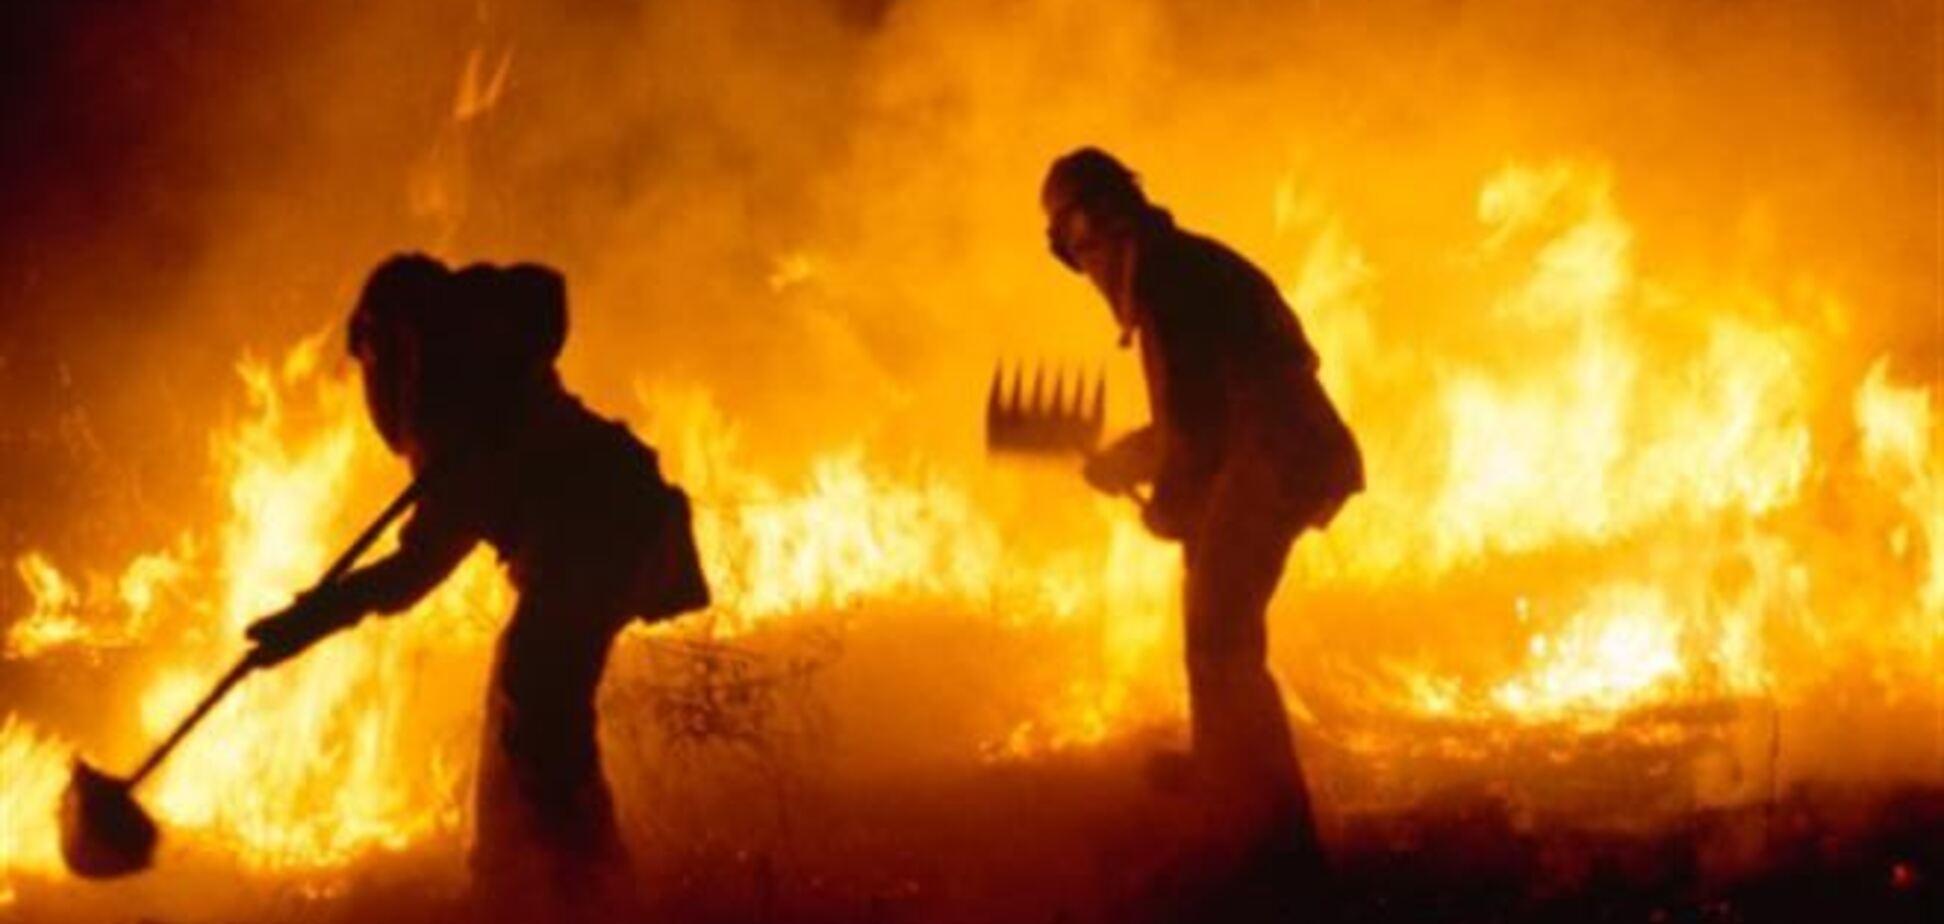 За прошедшие сутки в Украине произошло 153 пожара